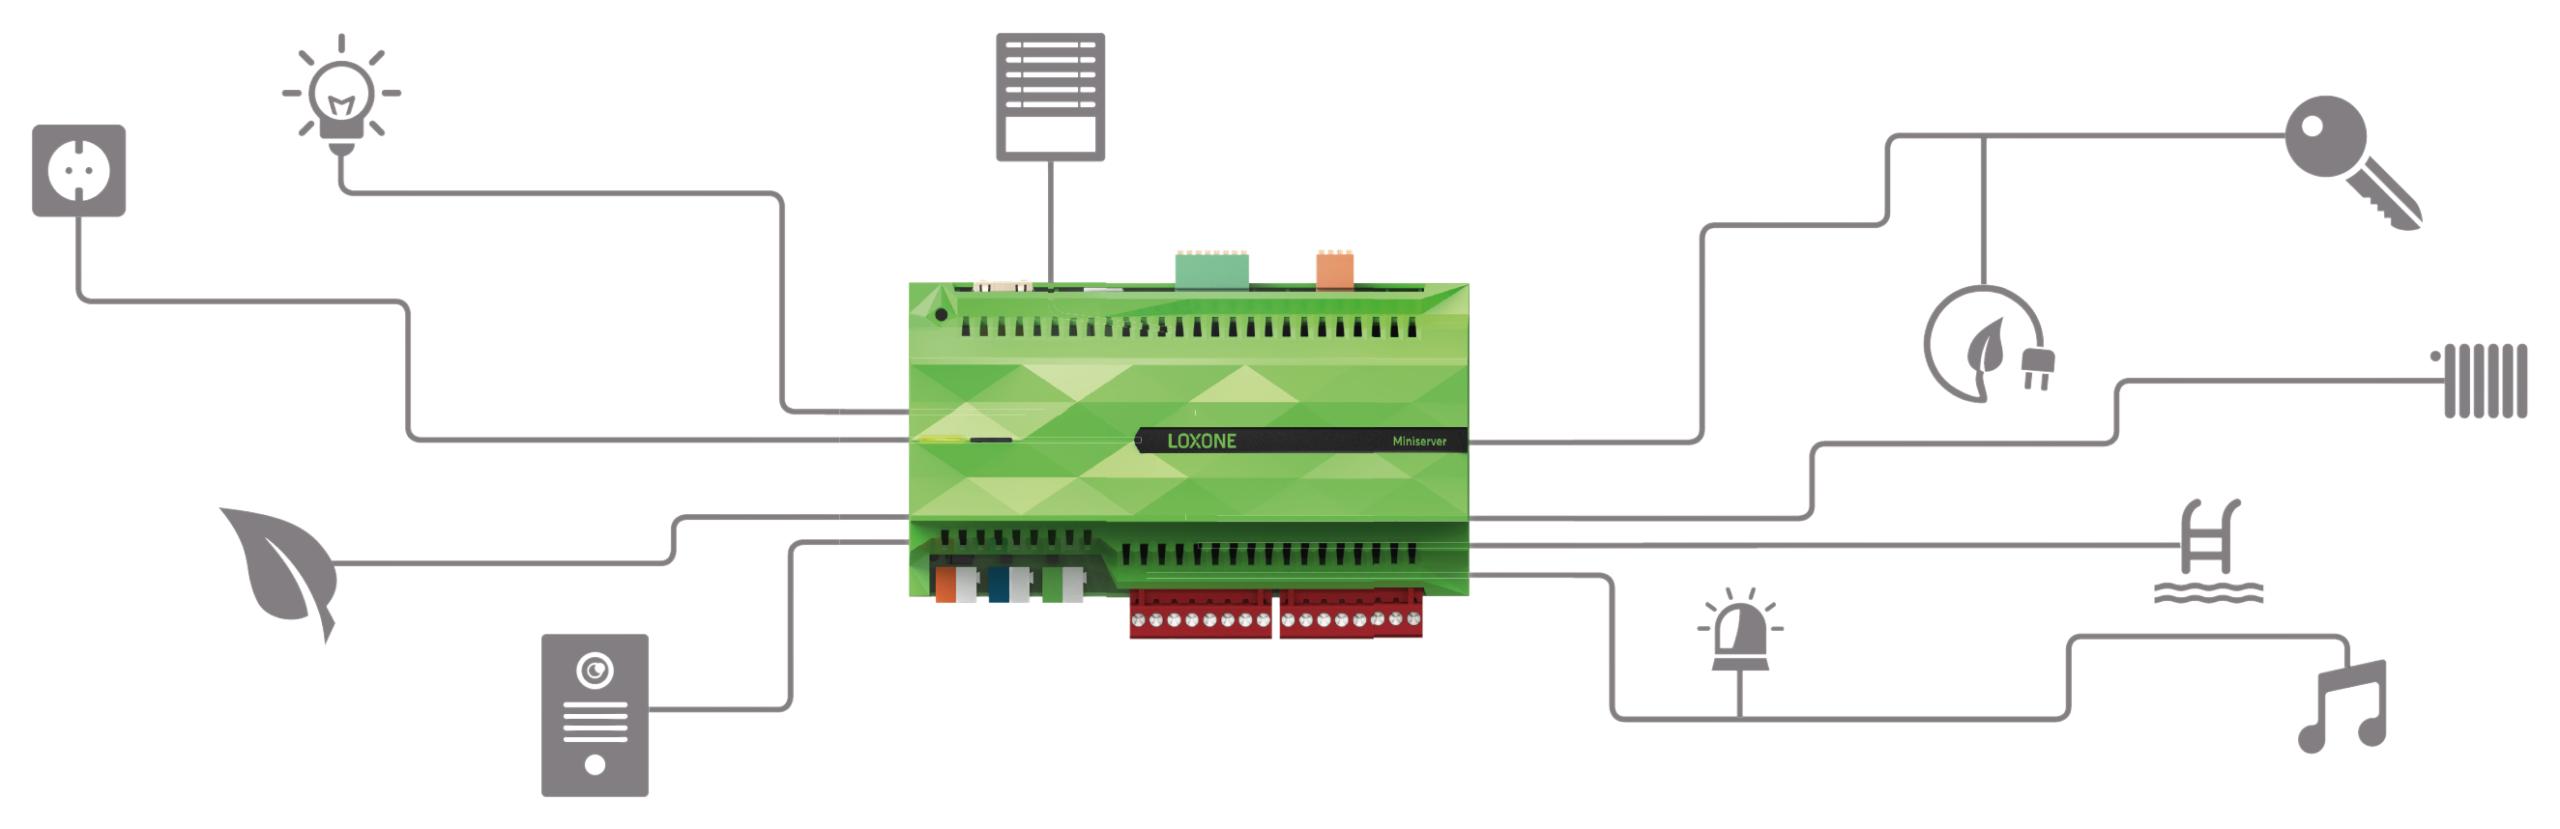 Miniserver prepojený s mnohými ďalšími funkciami